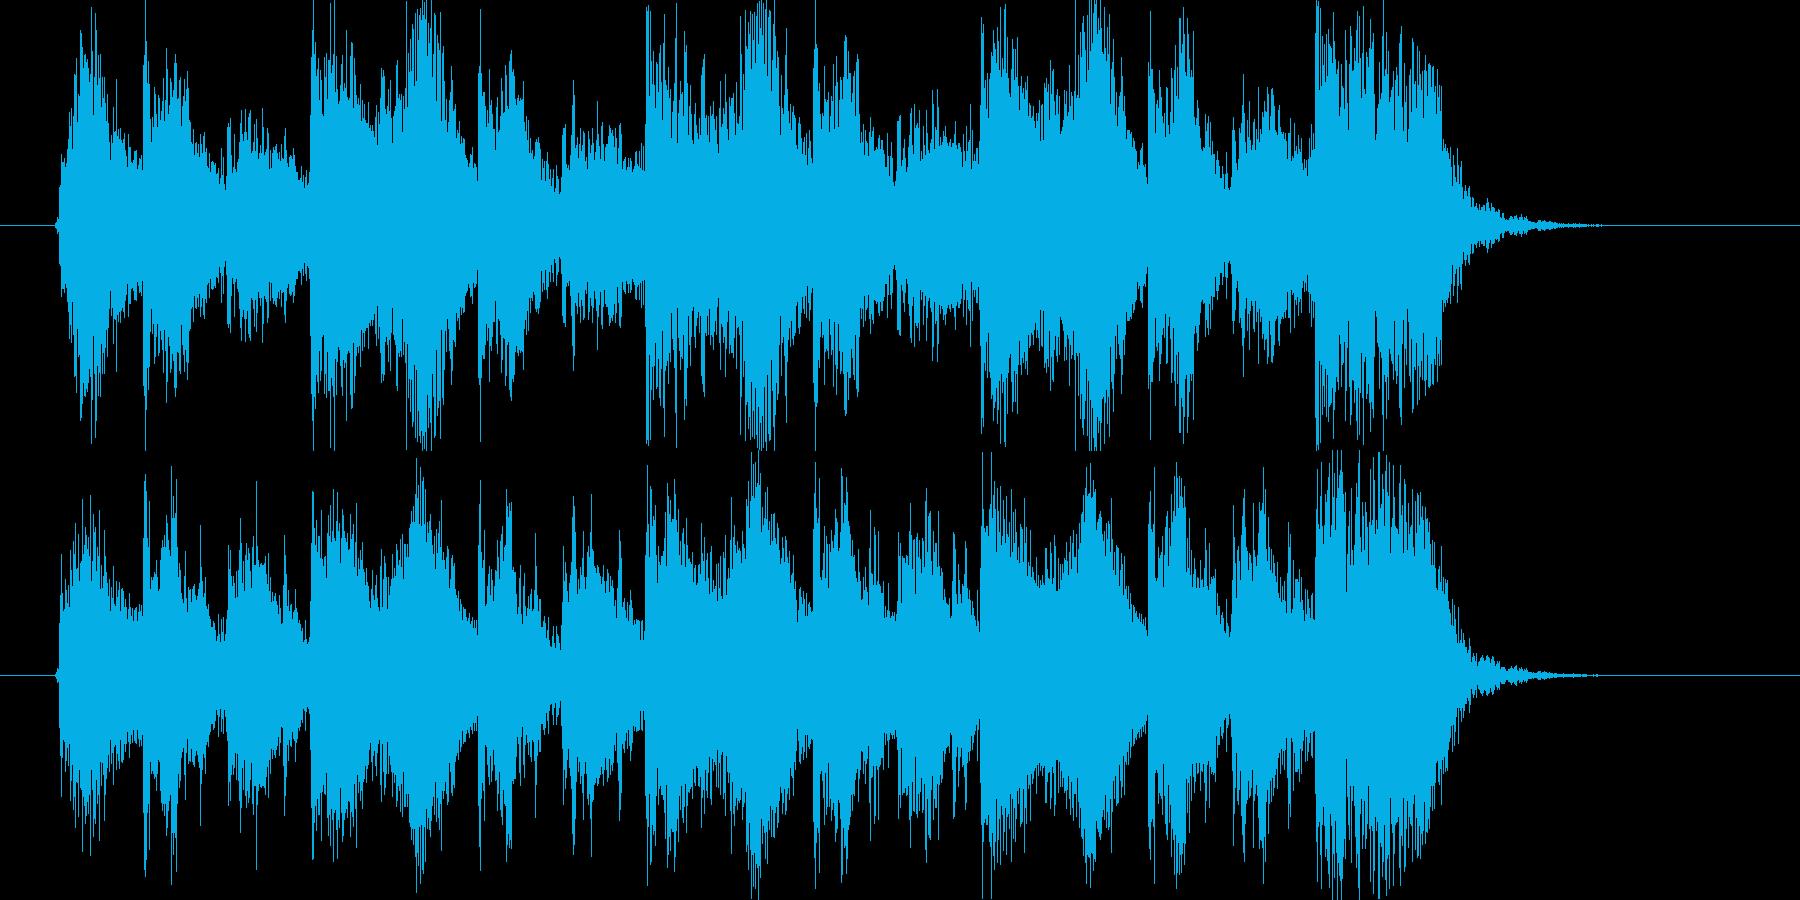 オーケストラ調のアレンジですがそこまで…の再生済みの波形